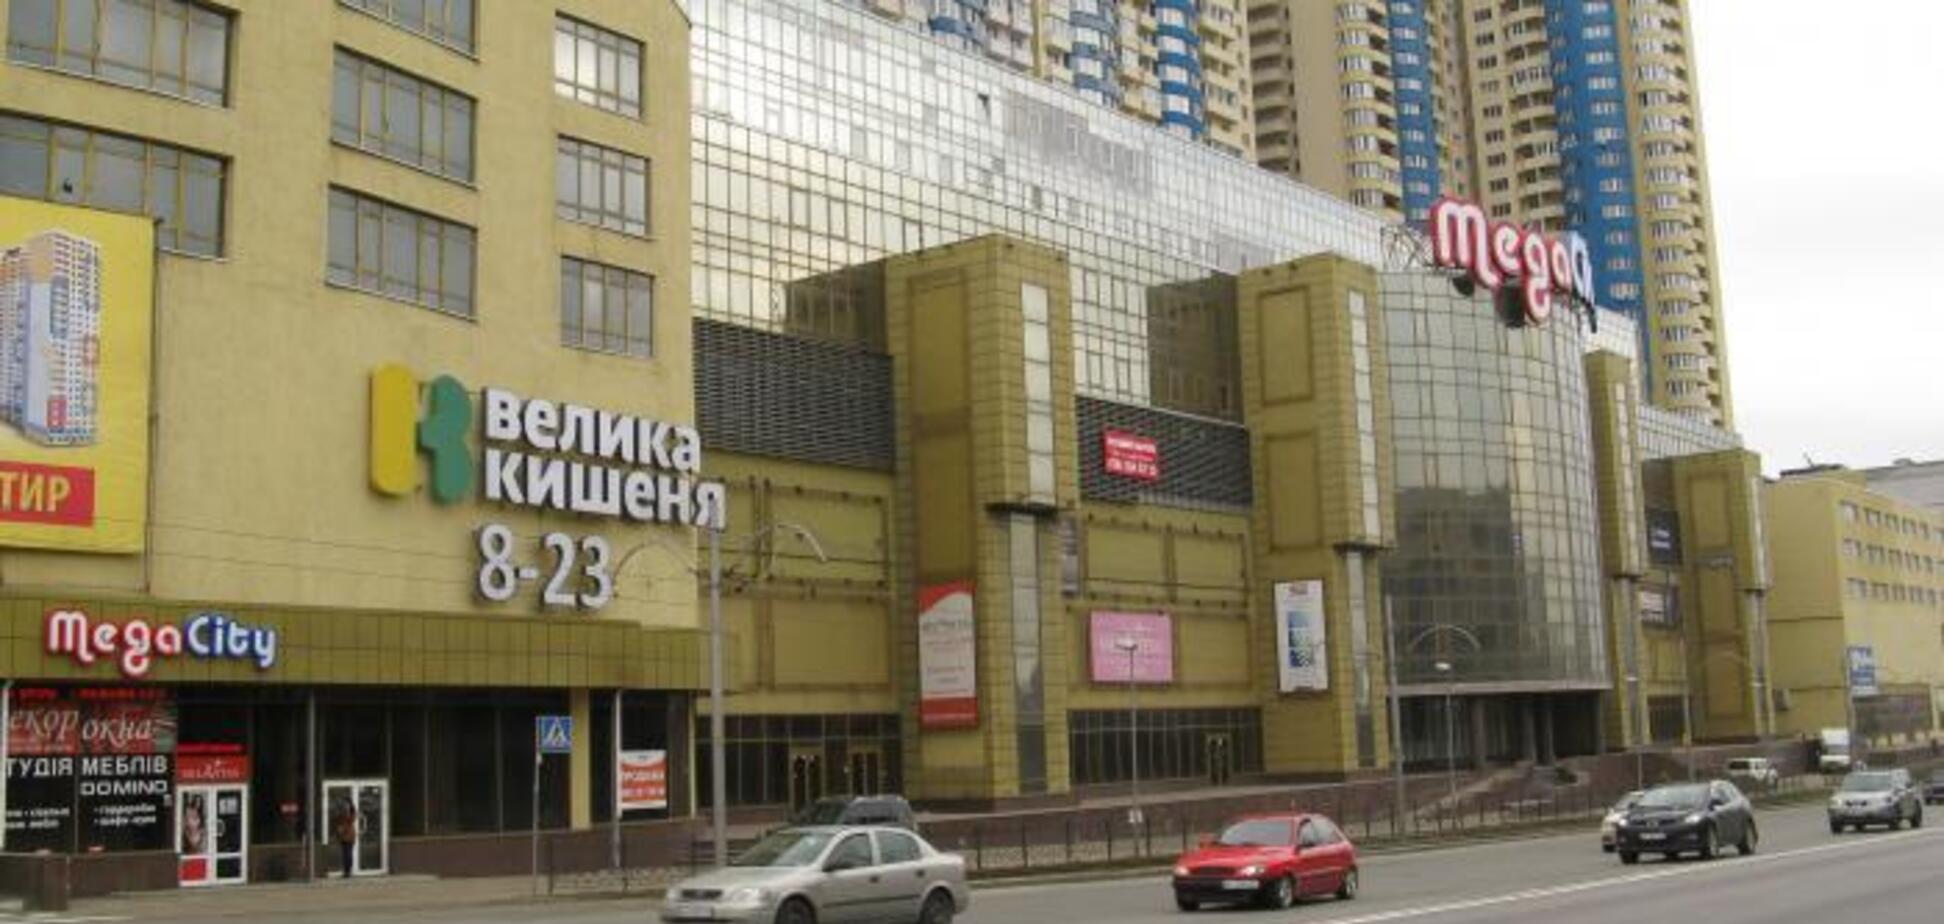 Жителям ''домов Войцеховского'' пригрозили новым коллапсом: что известно